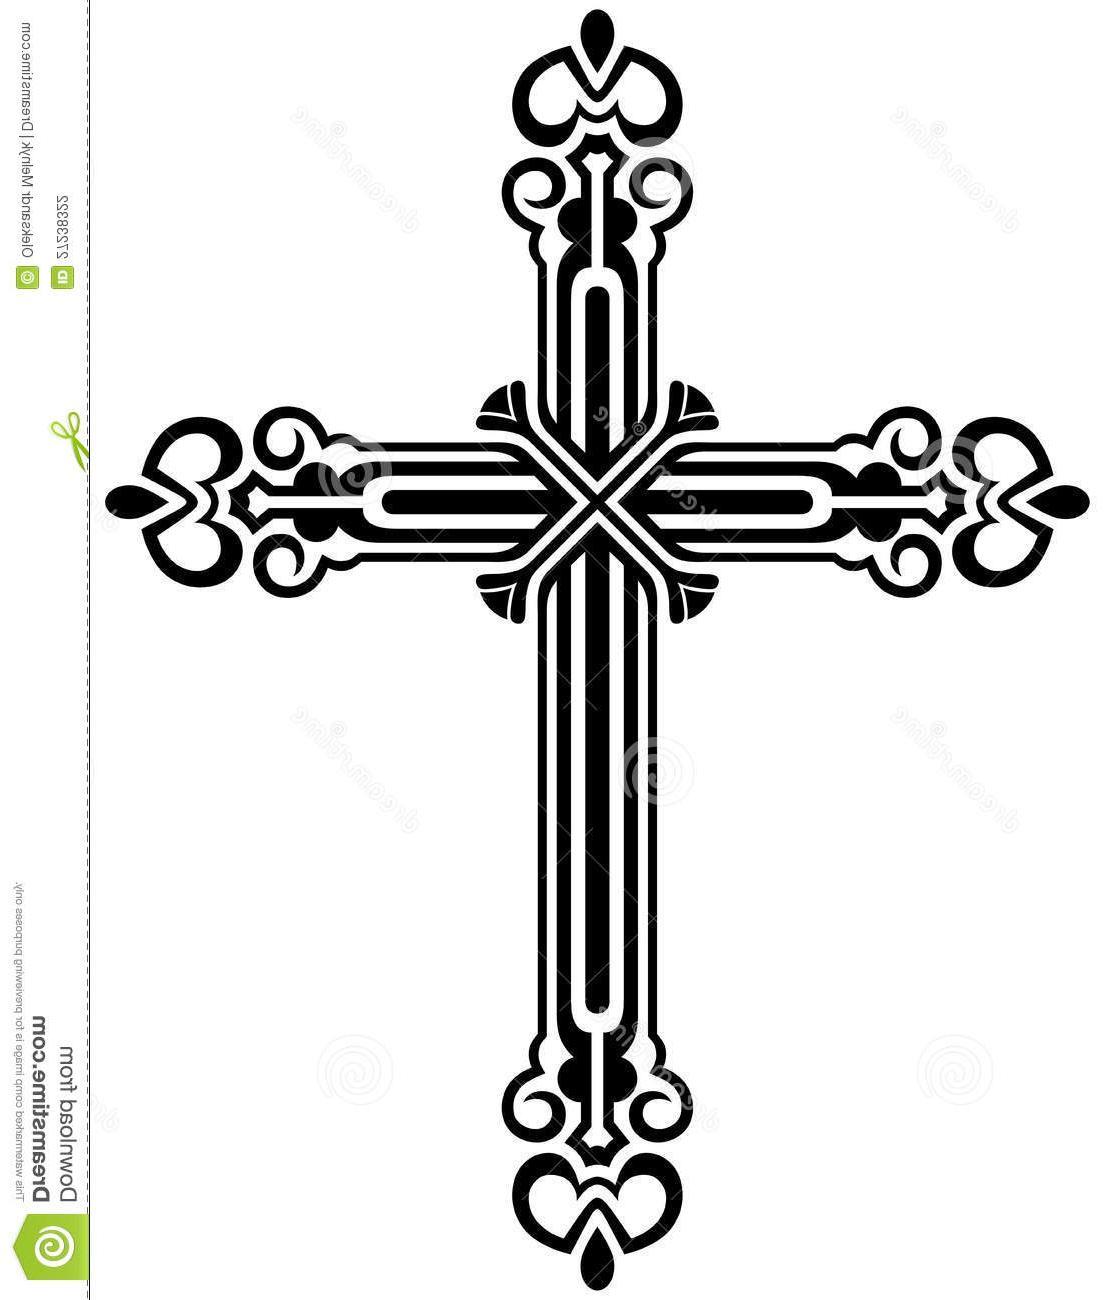 Crucifix clipart. Best hd black and